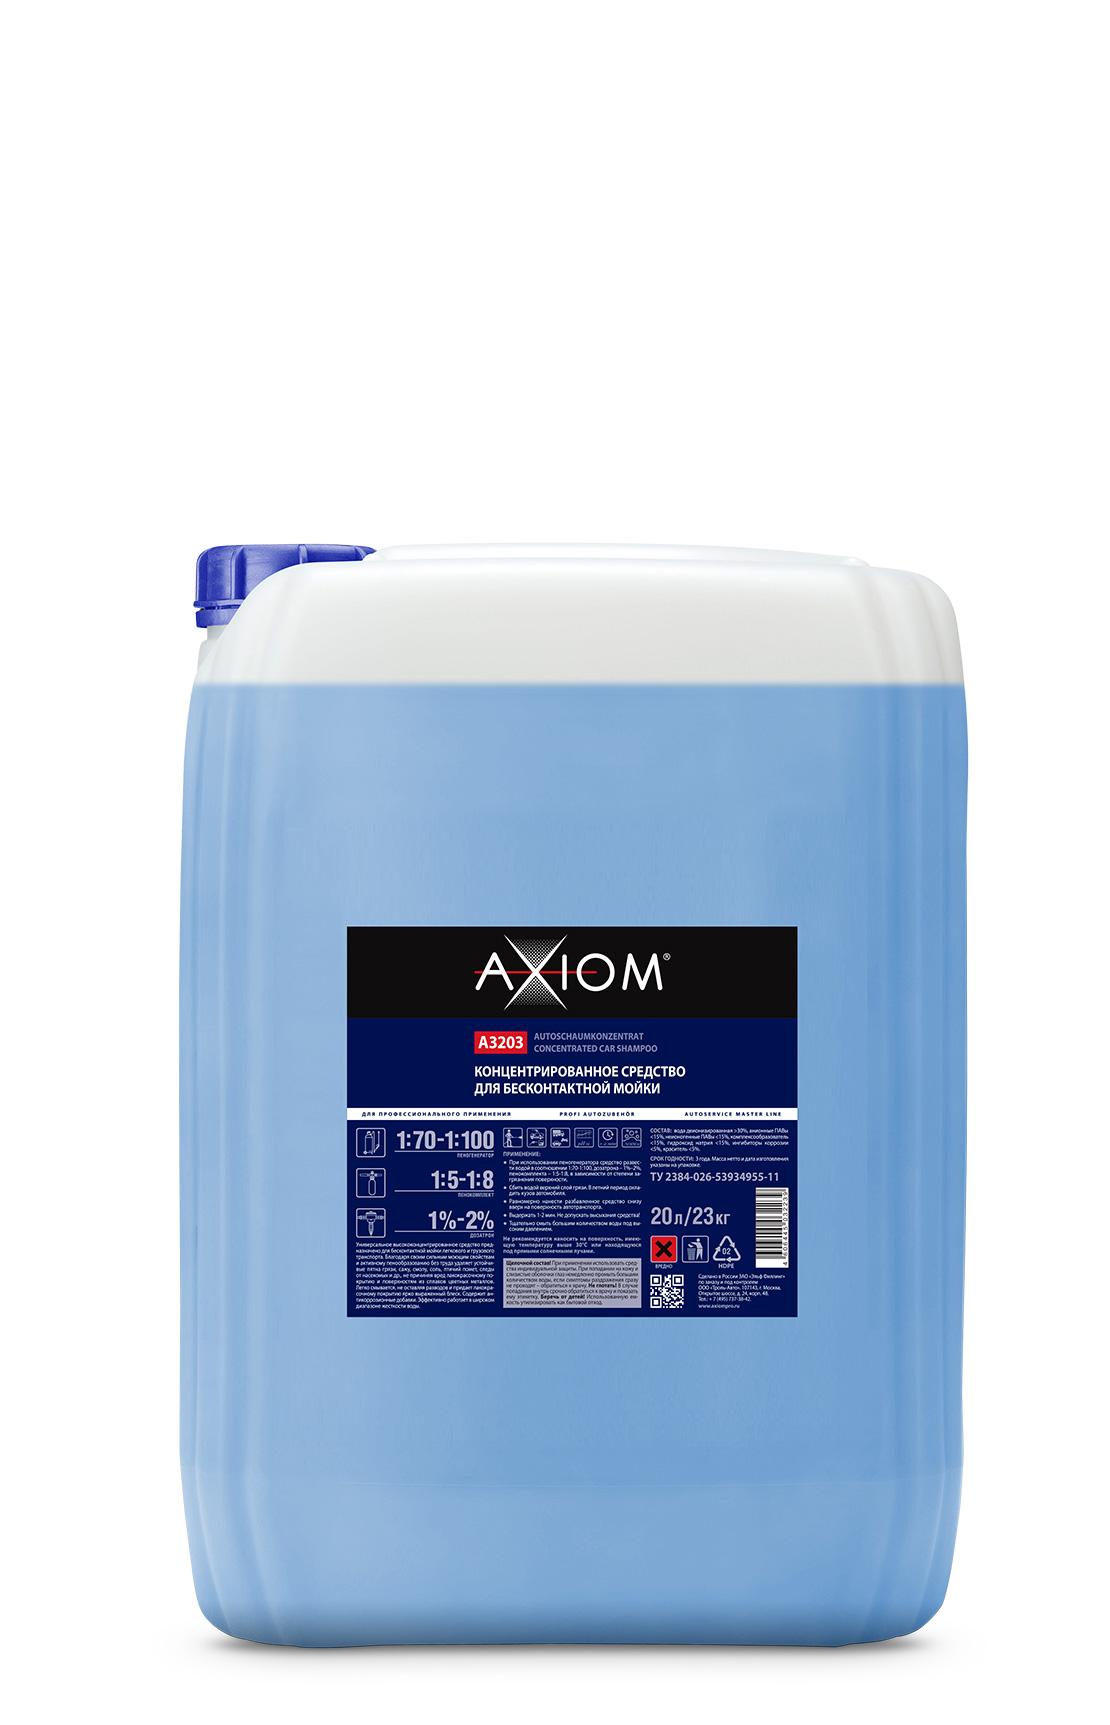 Концентрированное средство для бесконтактной мойки 1:70-1:100 AXIOM